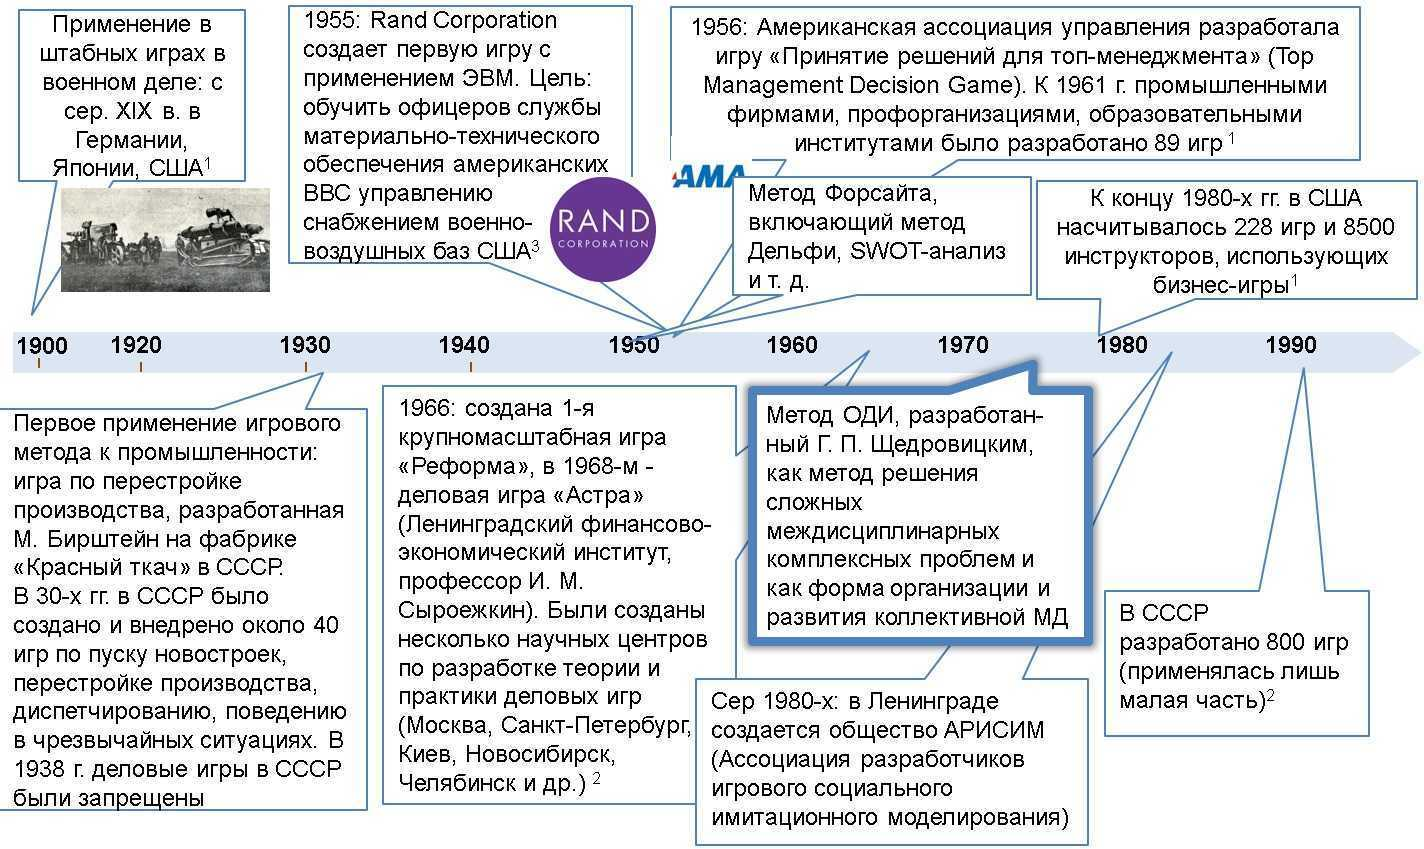 Исторический контекст метода организационно-деятельностных игр Щедровицкого